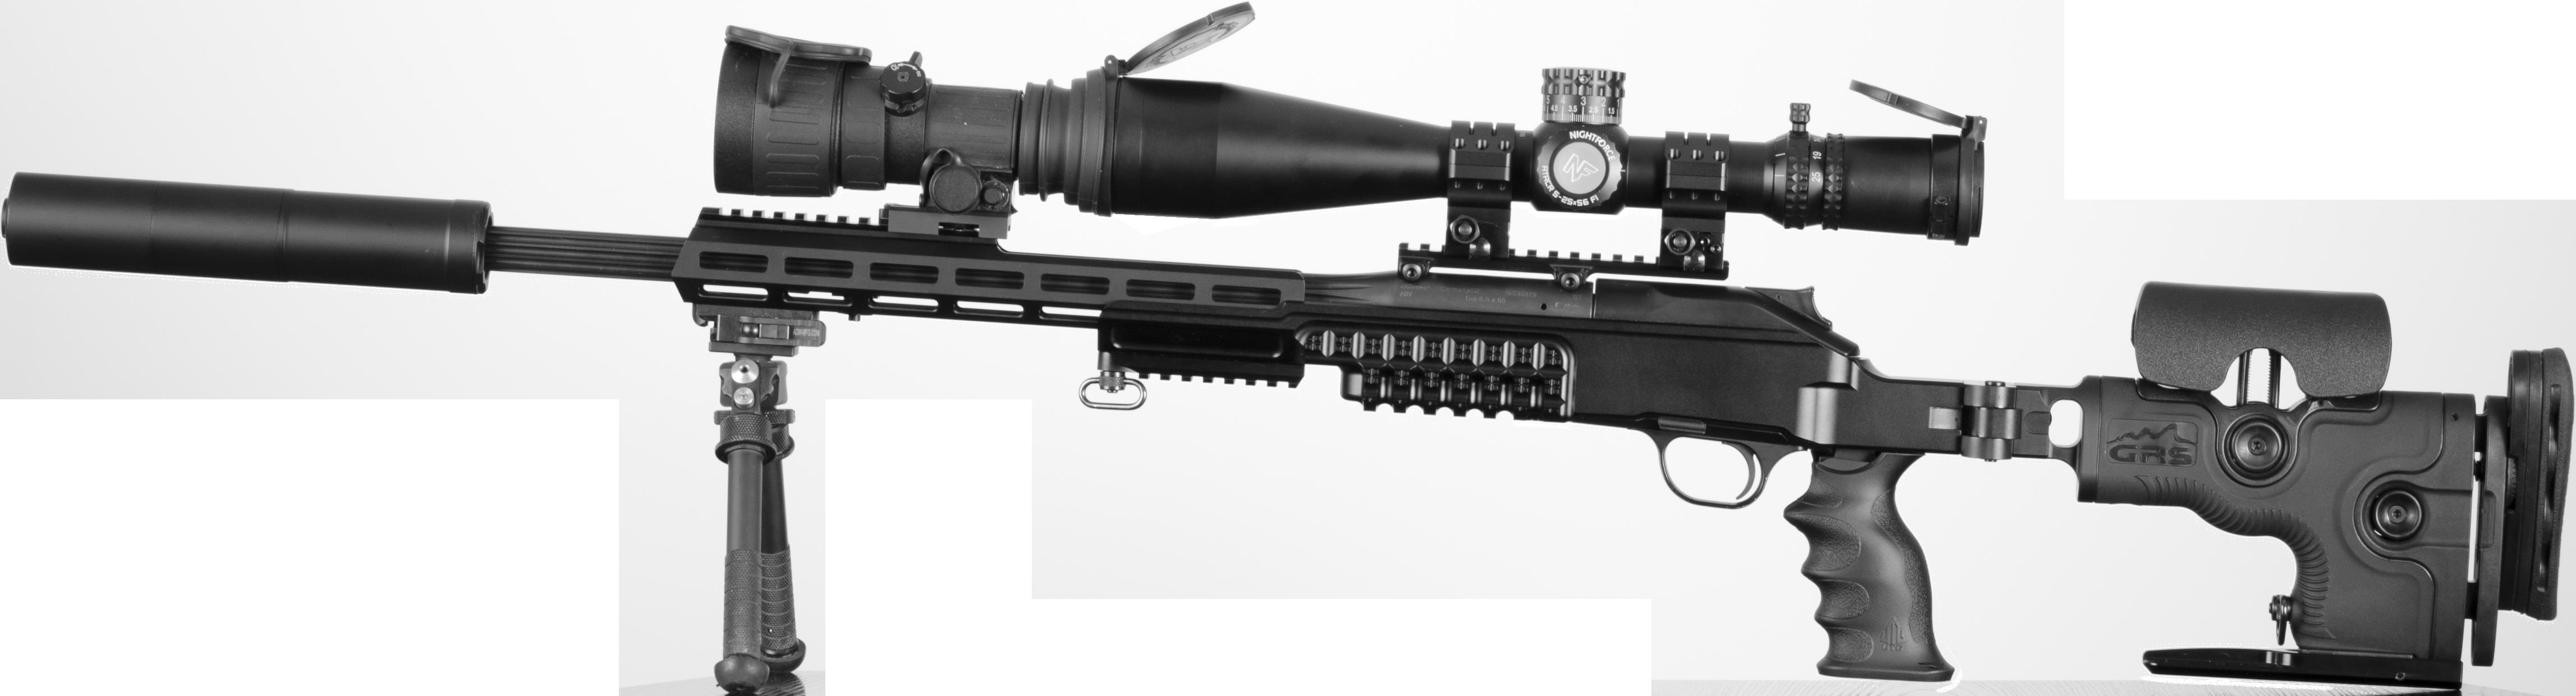 GRS Ragnarok Leftview Rifle Blaser R8